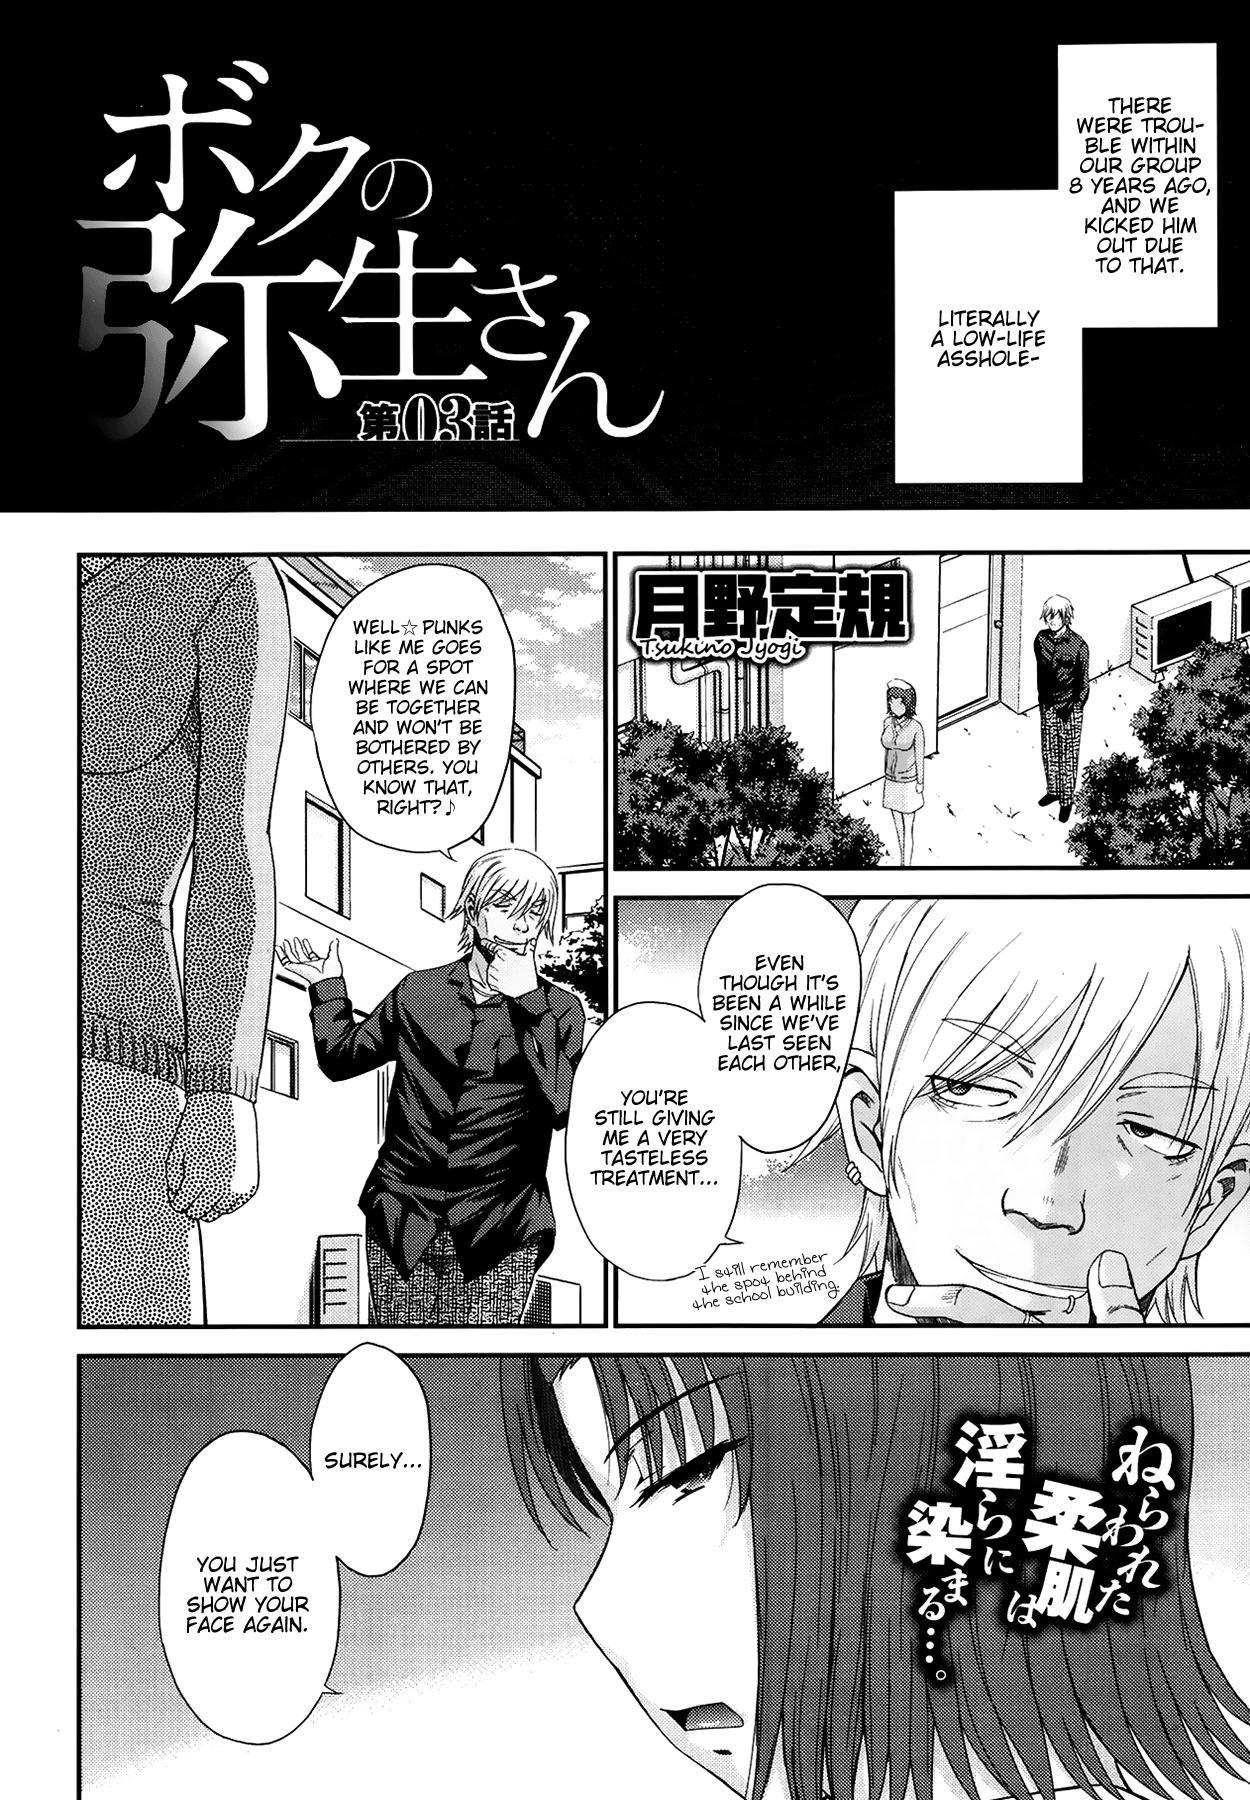 [Tsukino Jyogi] Boku no Yayoi-san ch.1-4 [English] =Krizalid= 51